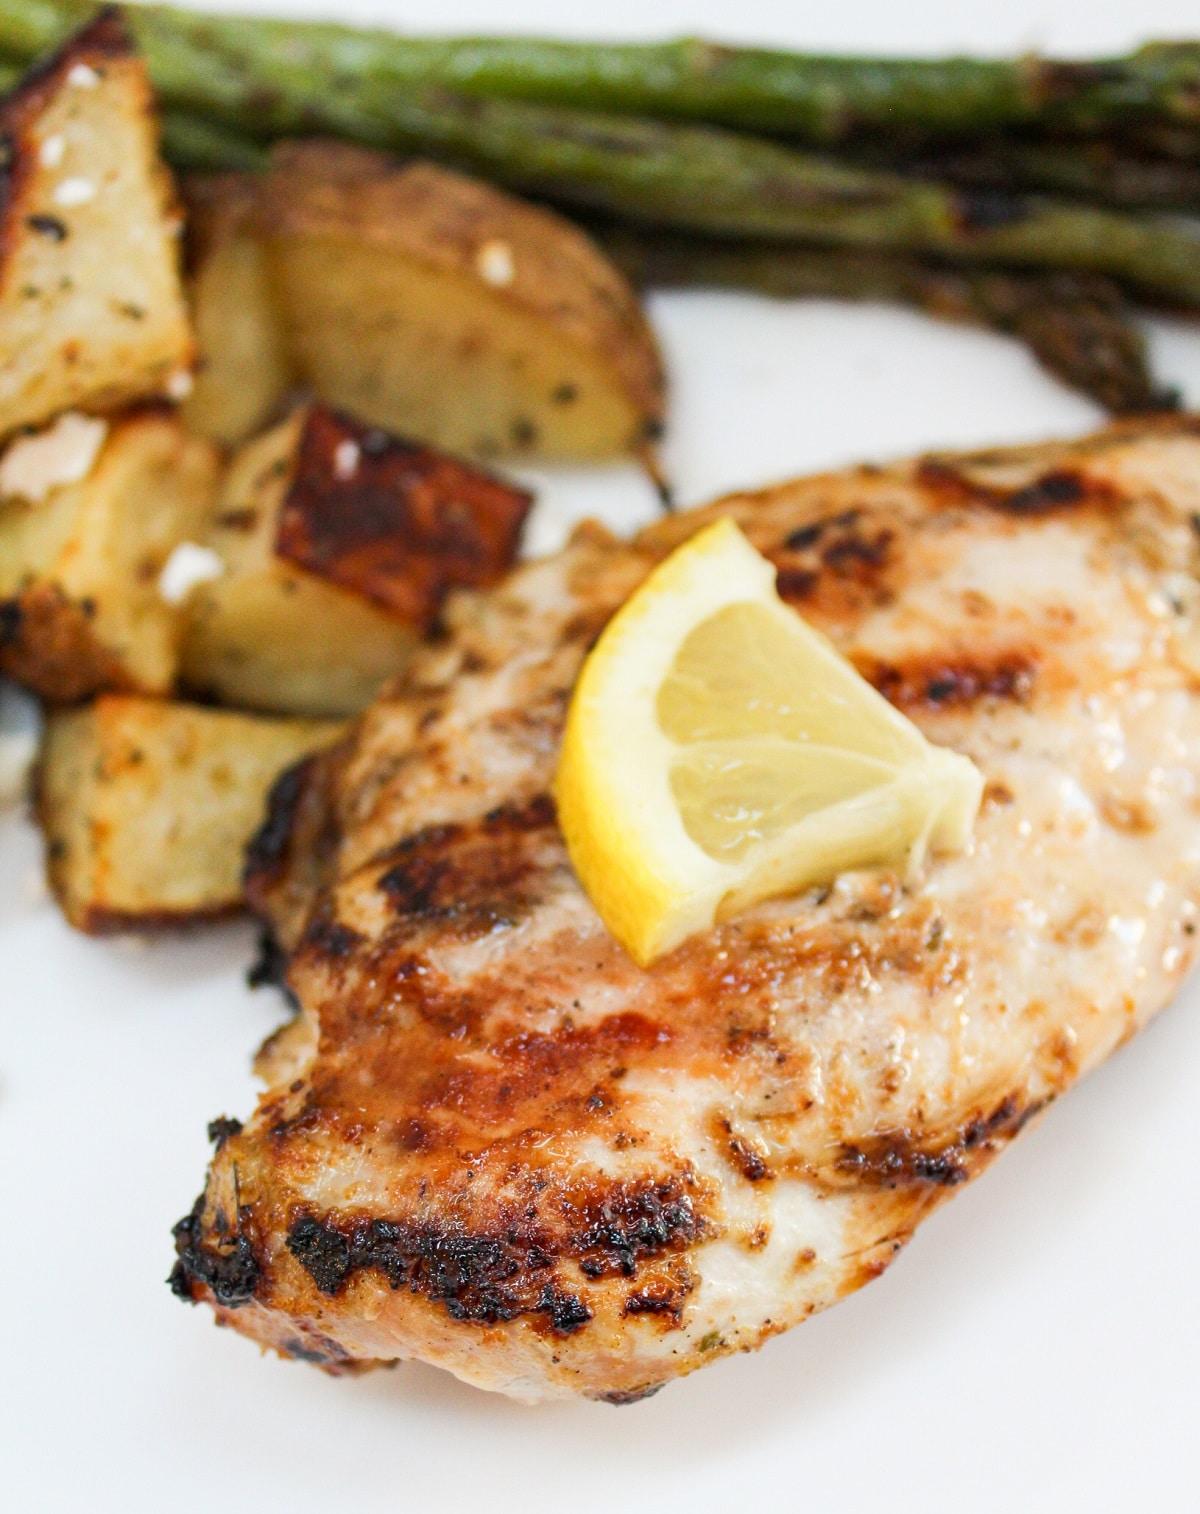 grilled lemon pepper chicken on white plate with sliced lemon